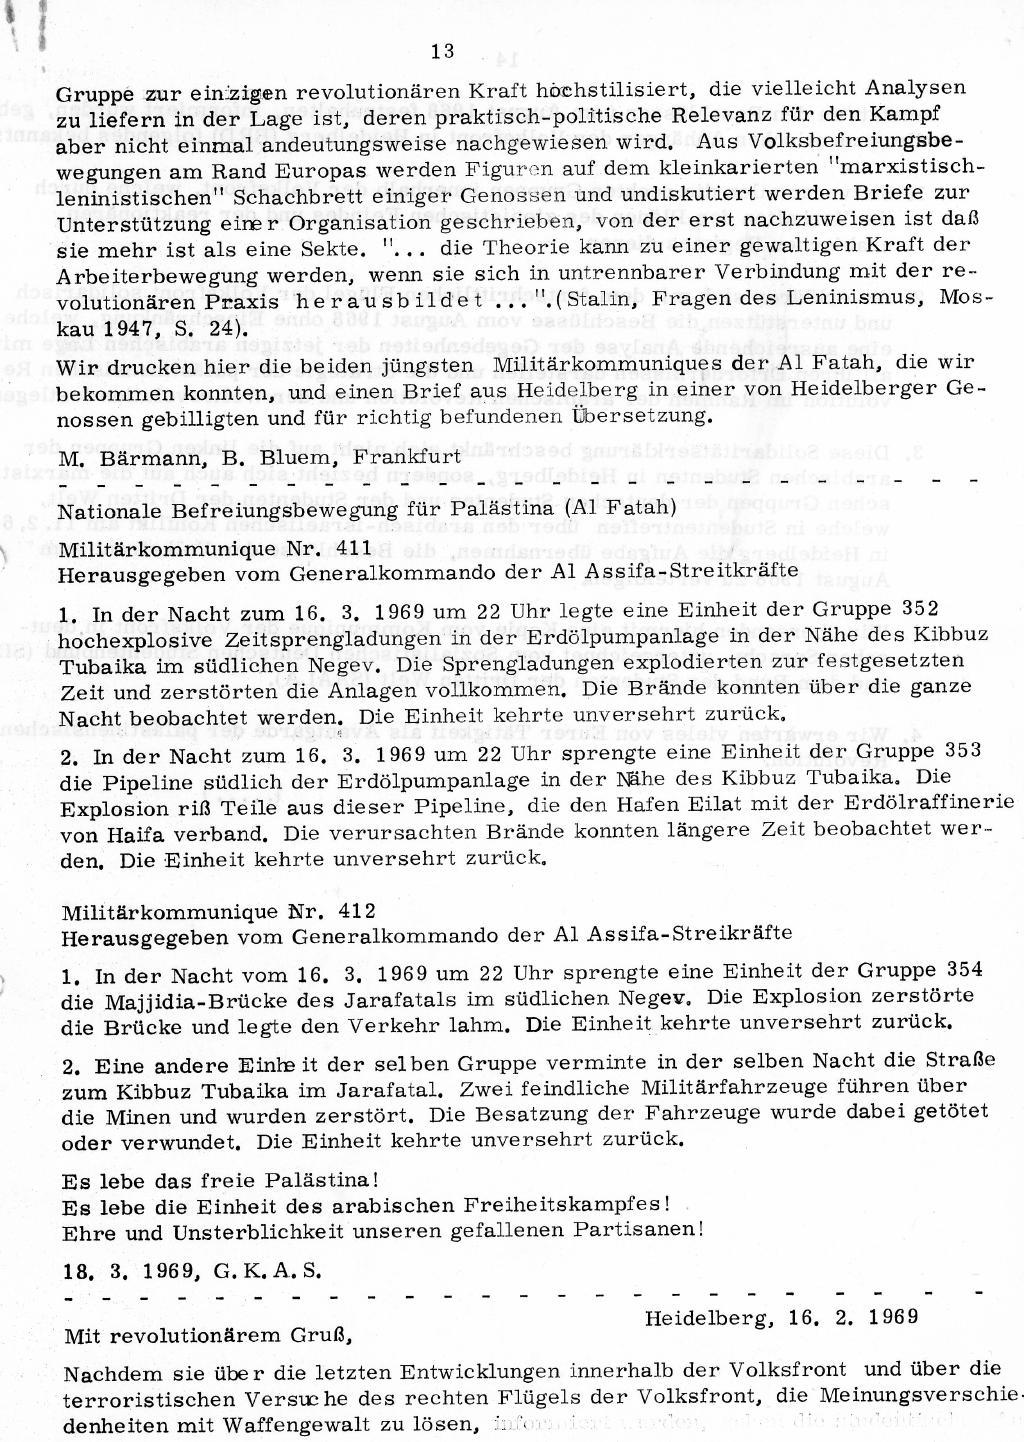 RPK_1969_Sonder02_13